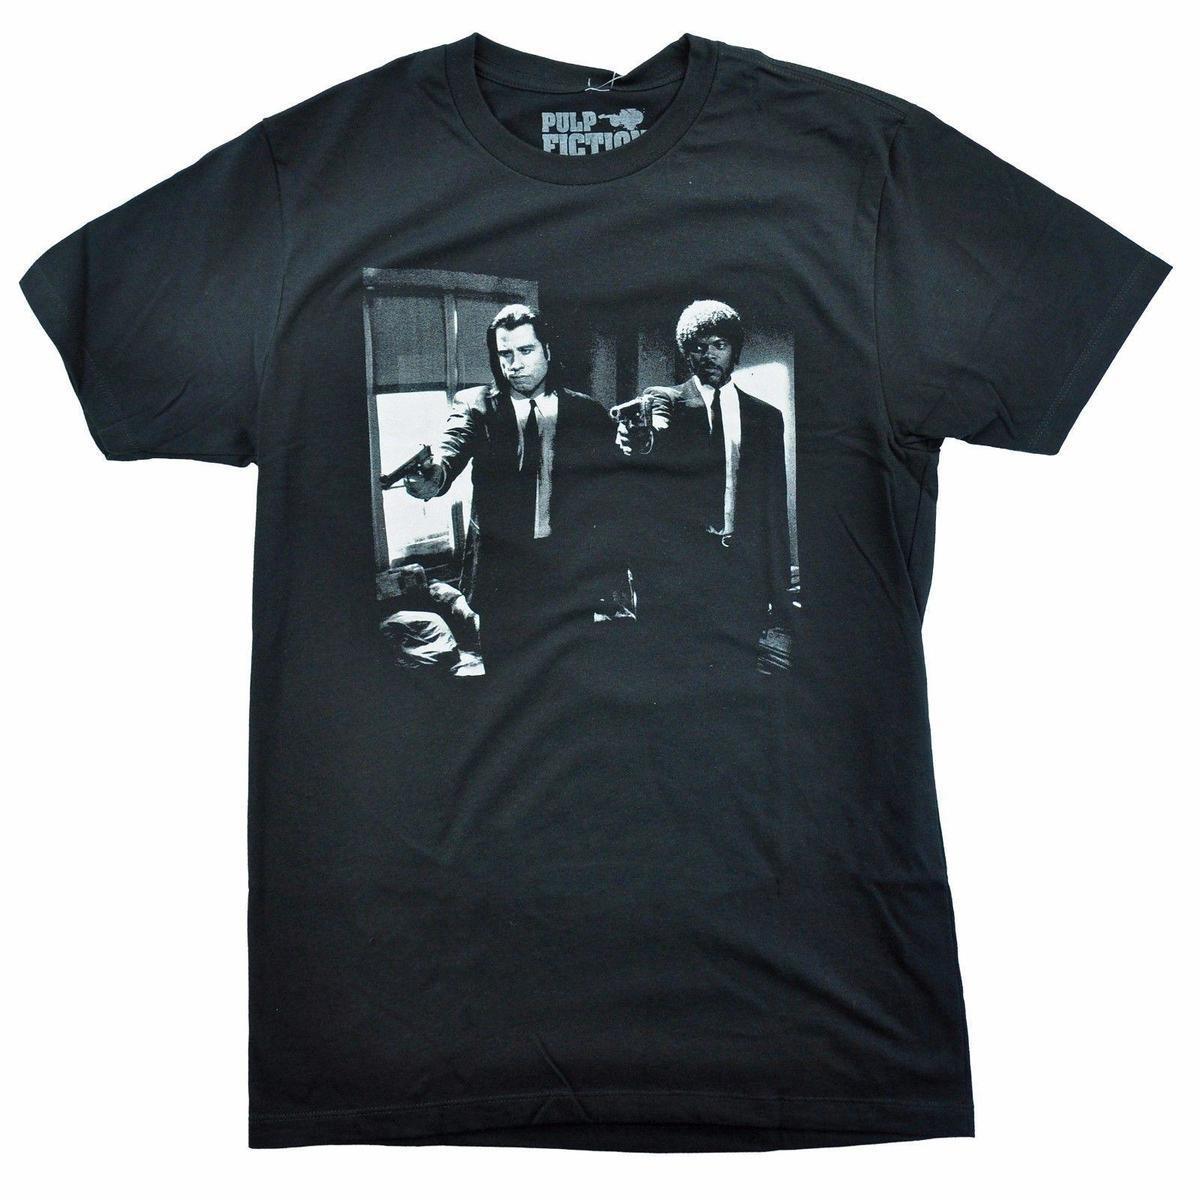 a33c1d7730 Acheter Pulp Fiction T Shirt Homme Vincent Et Jules Homme T Shirt Été O Cou  100% Coton Manches Courtes Hommes De $12.08 Du Lijian038 | DHgate.Com